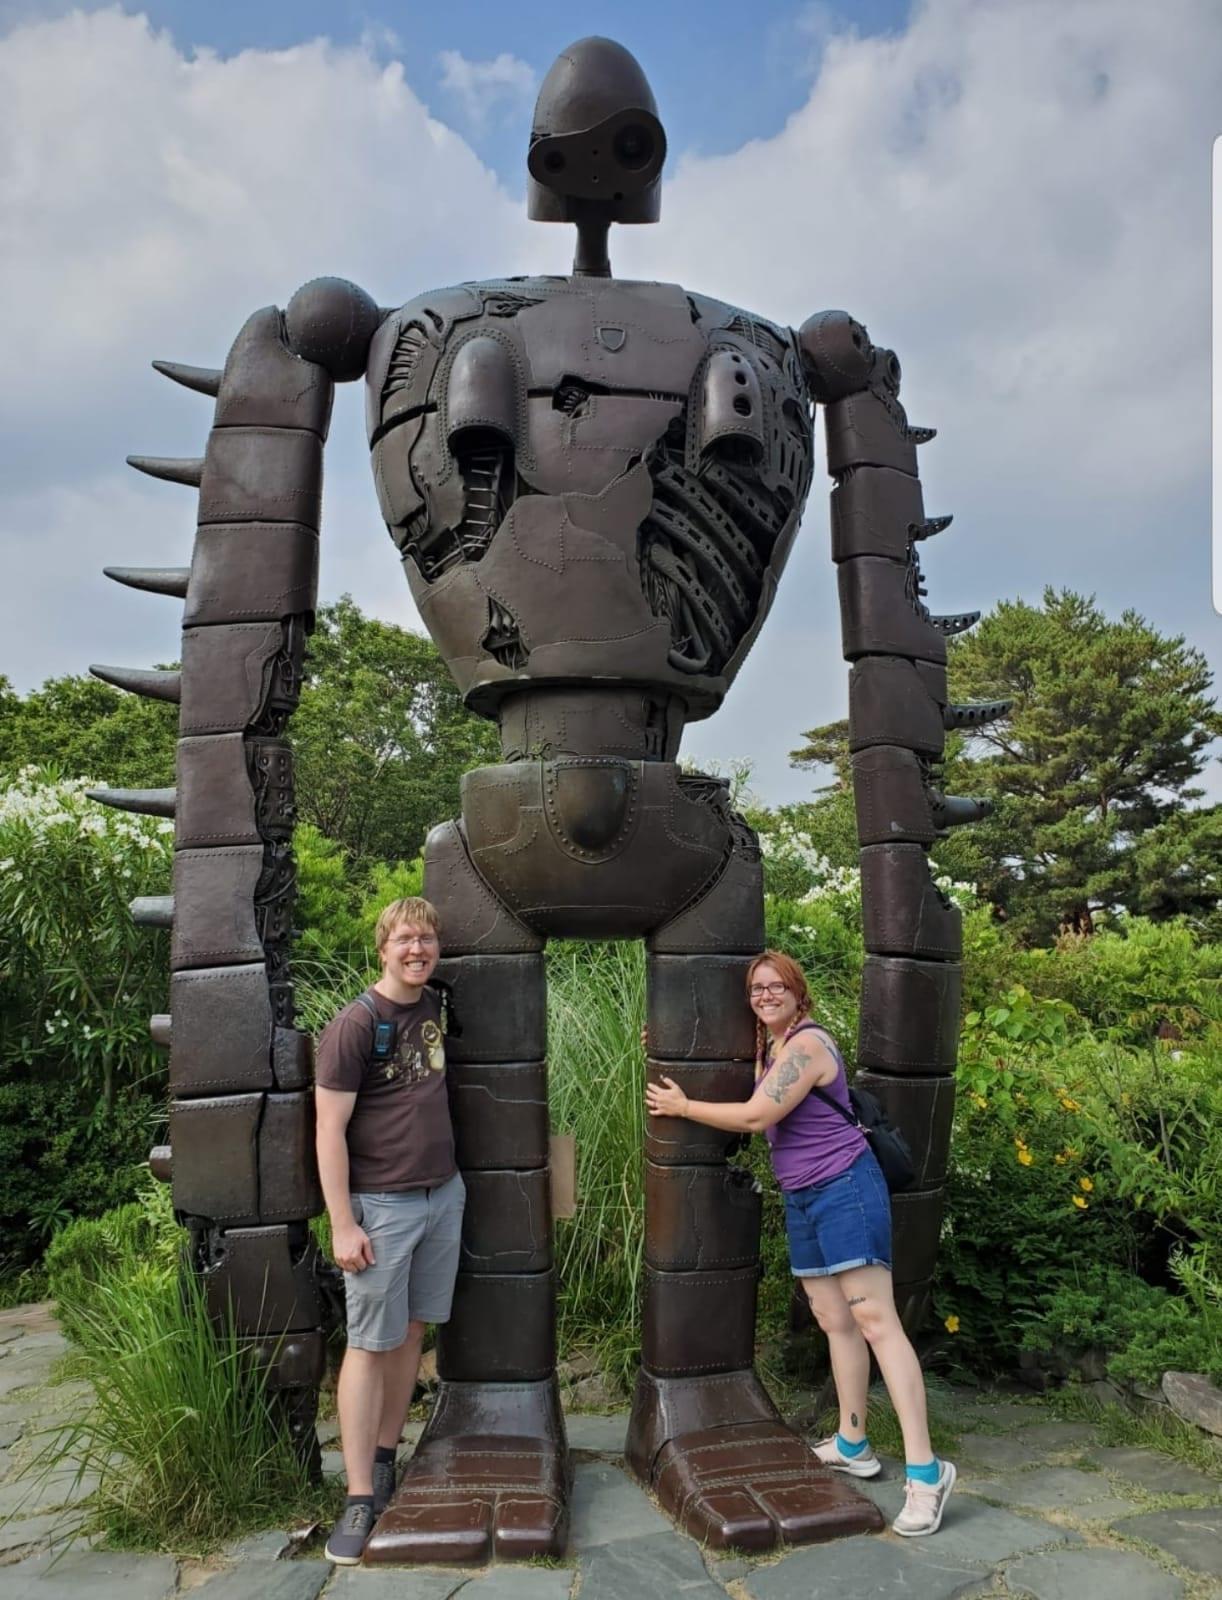 Ghibli Robot Soldier statue